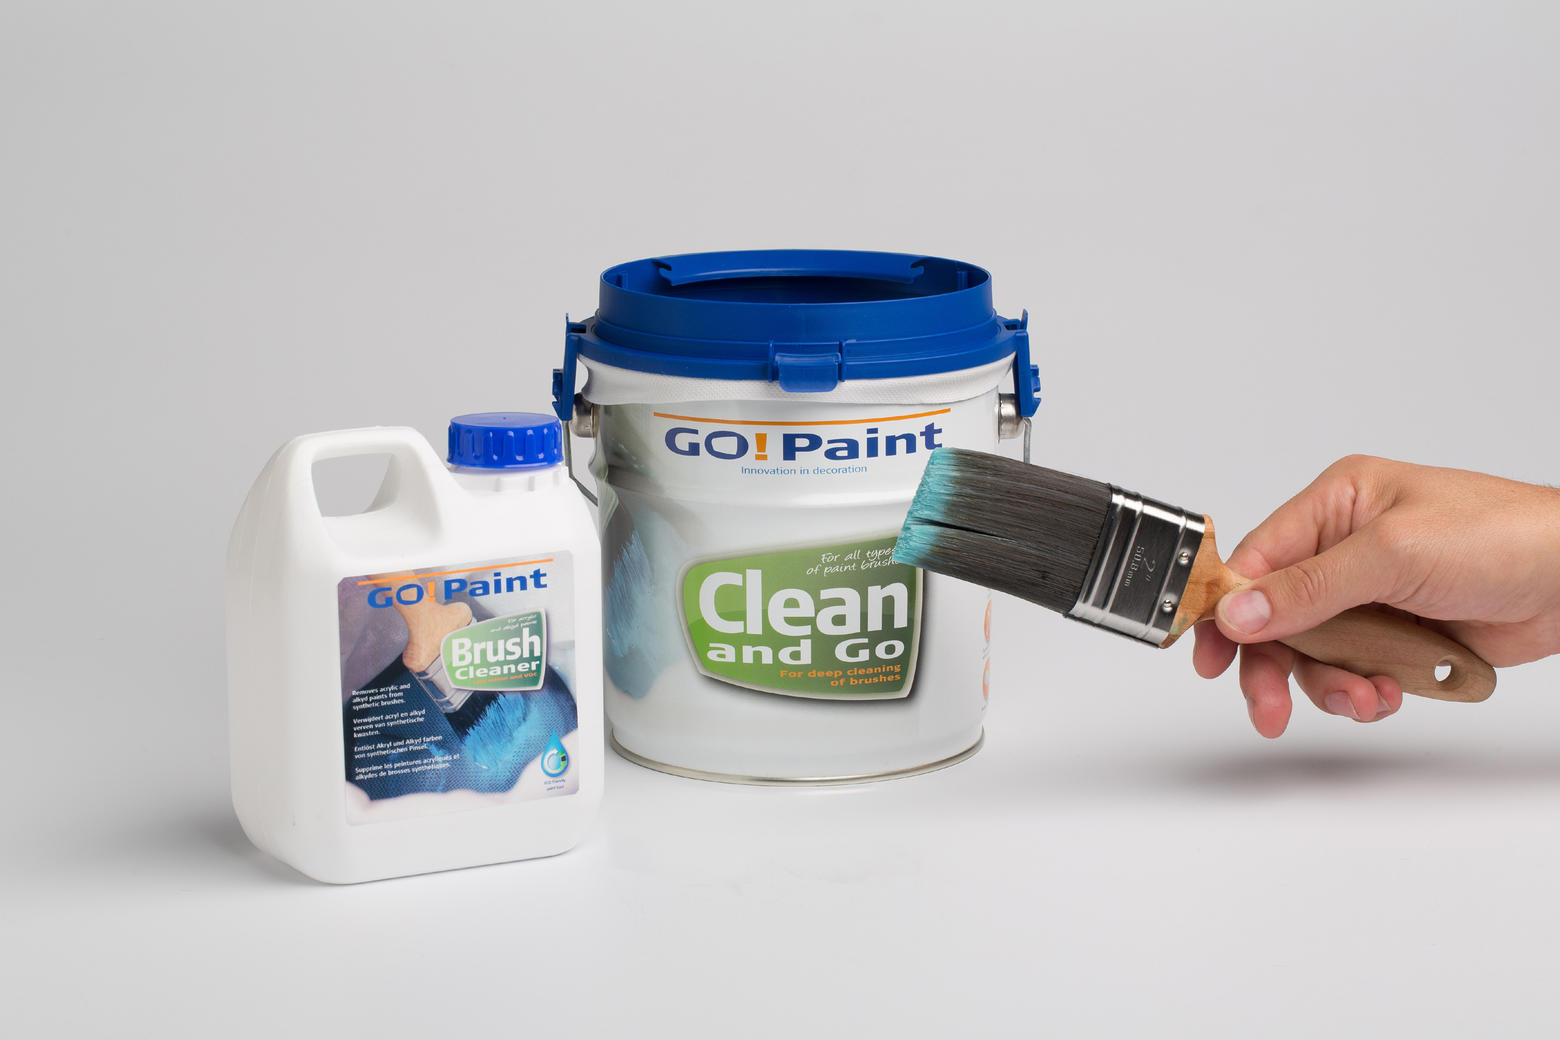 Das beste Ergebnis erzielt Brush Cleaner zusammen mit Clean and Go.